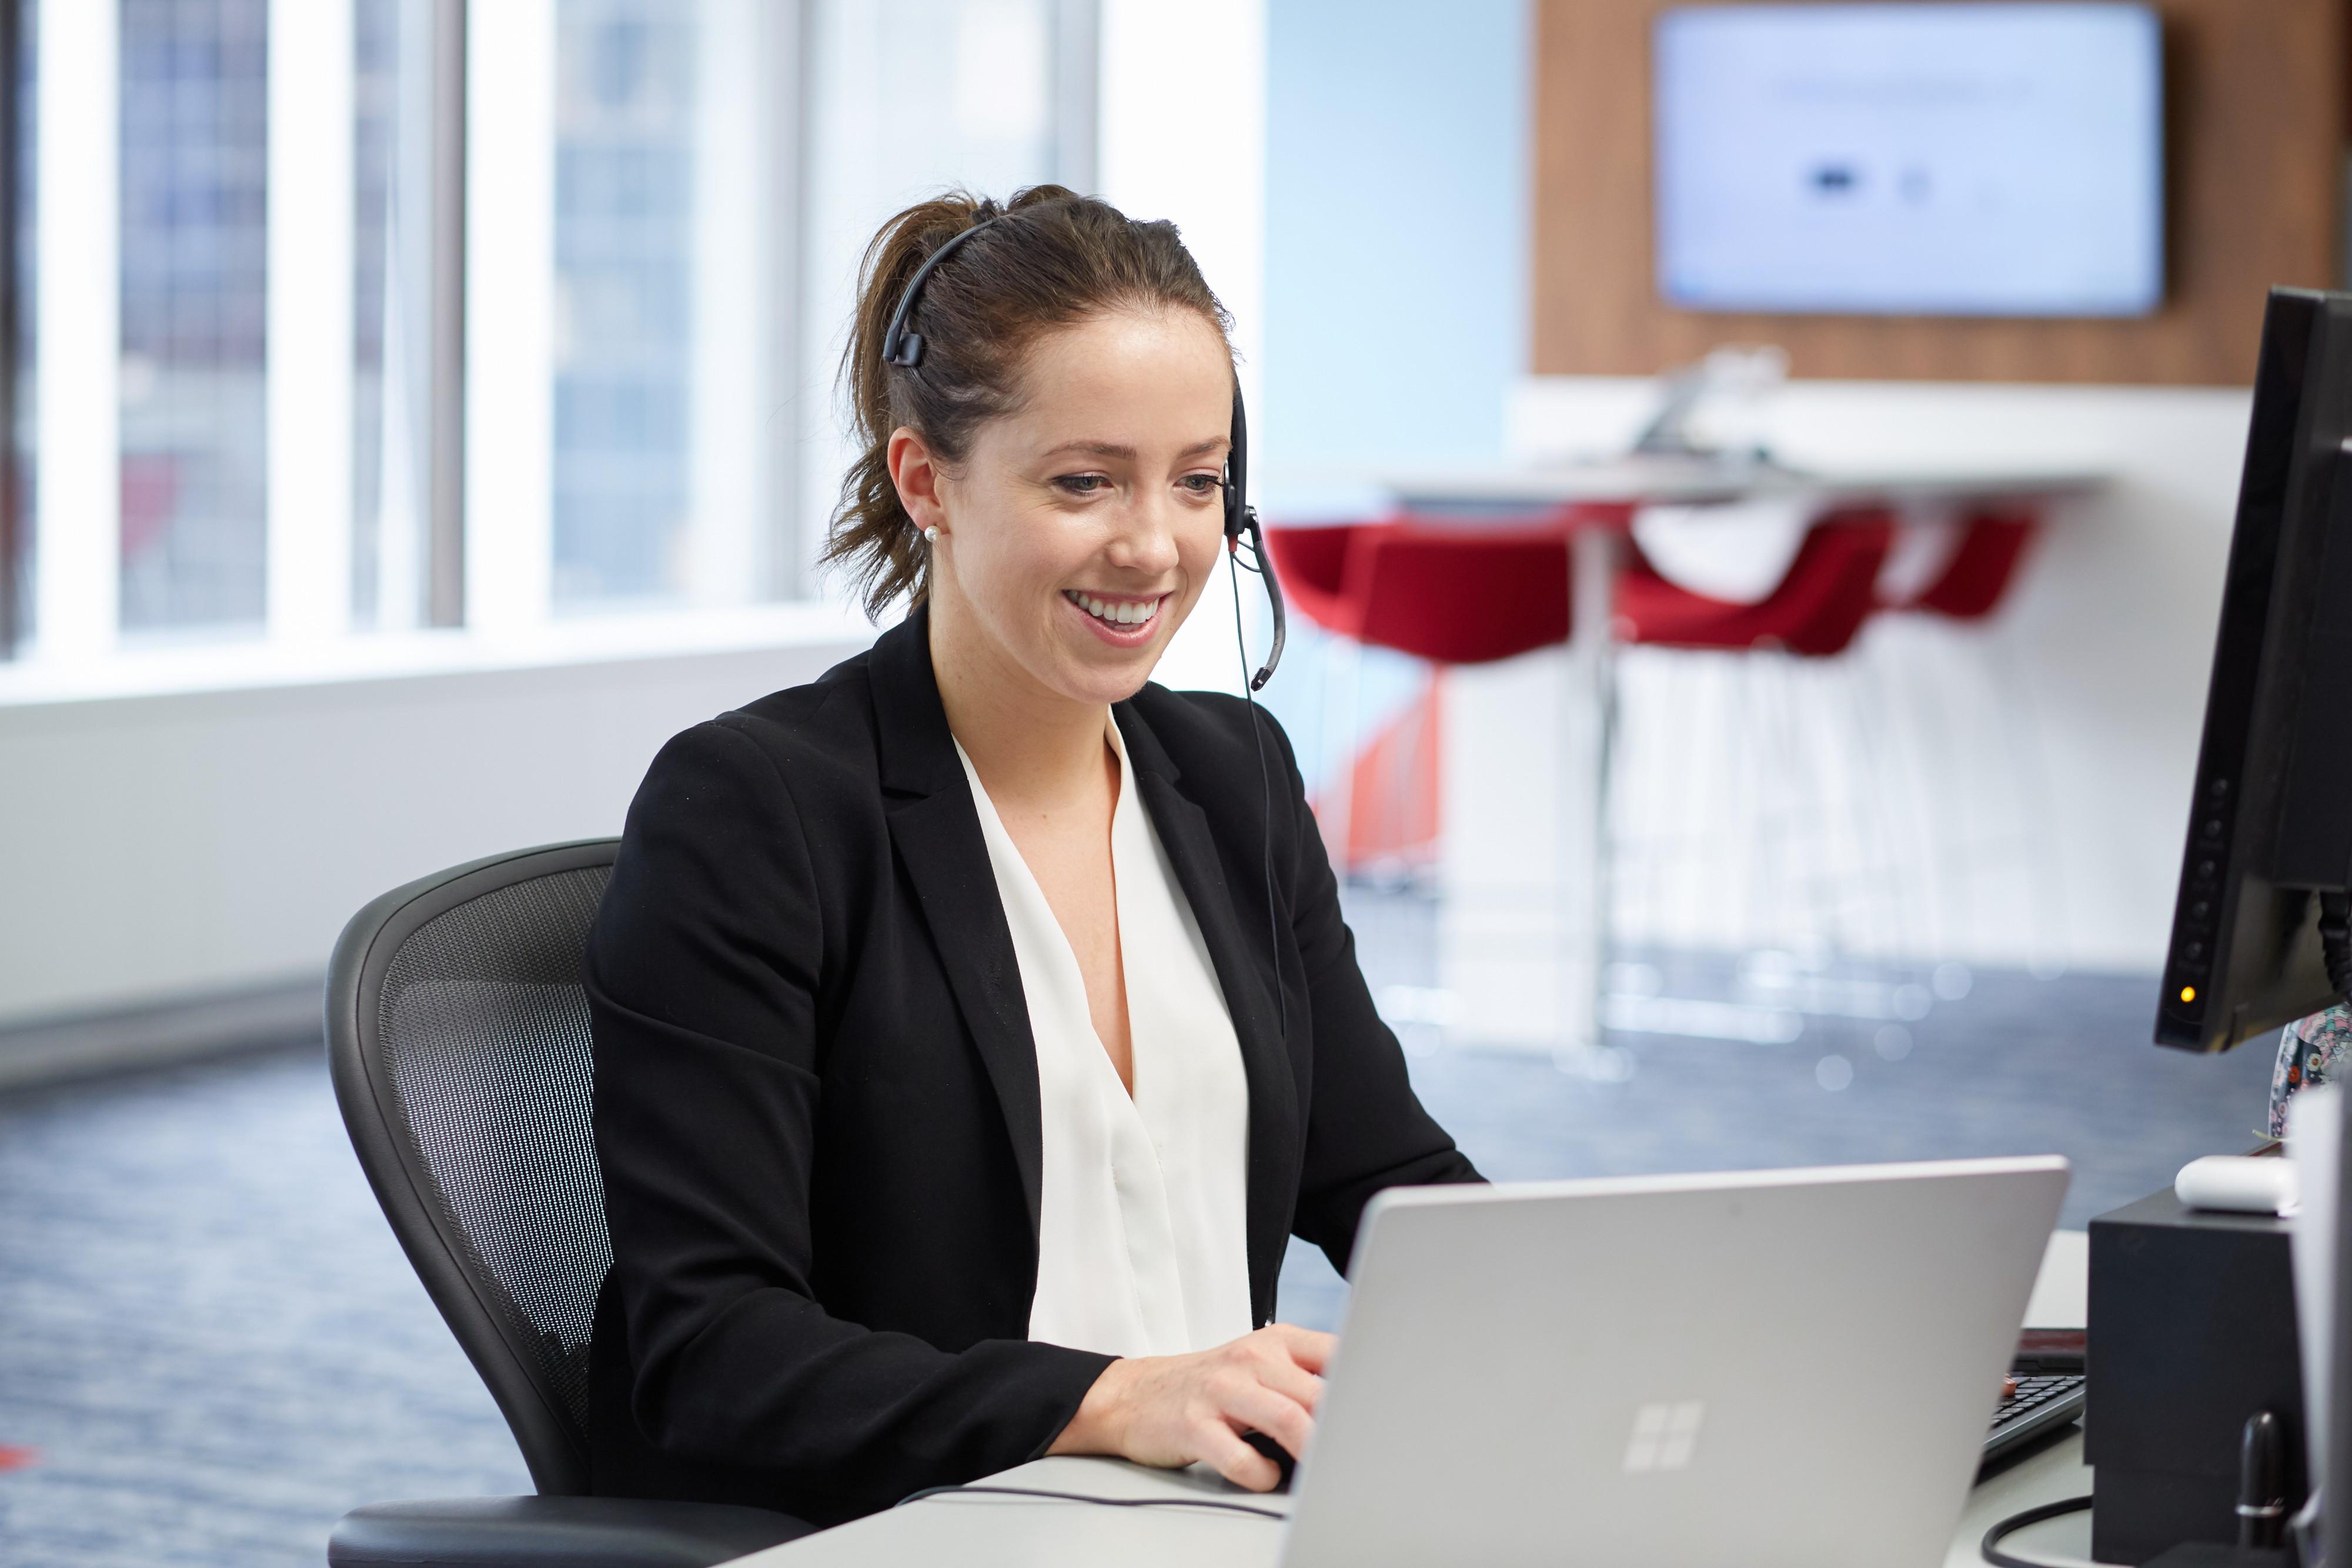 Robert Half® Recruiters & Employment Agency in Vancouver